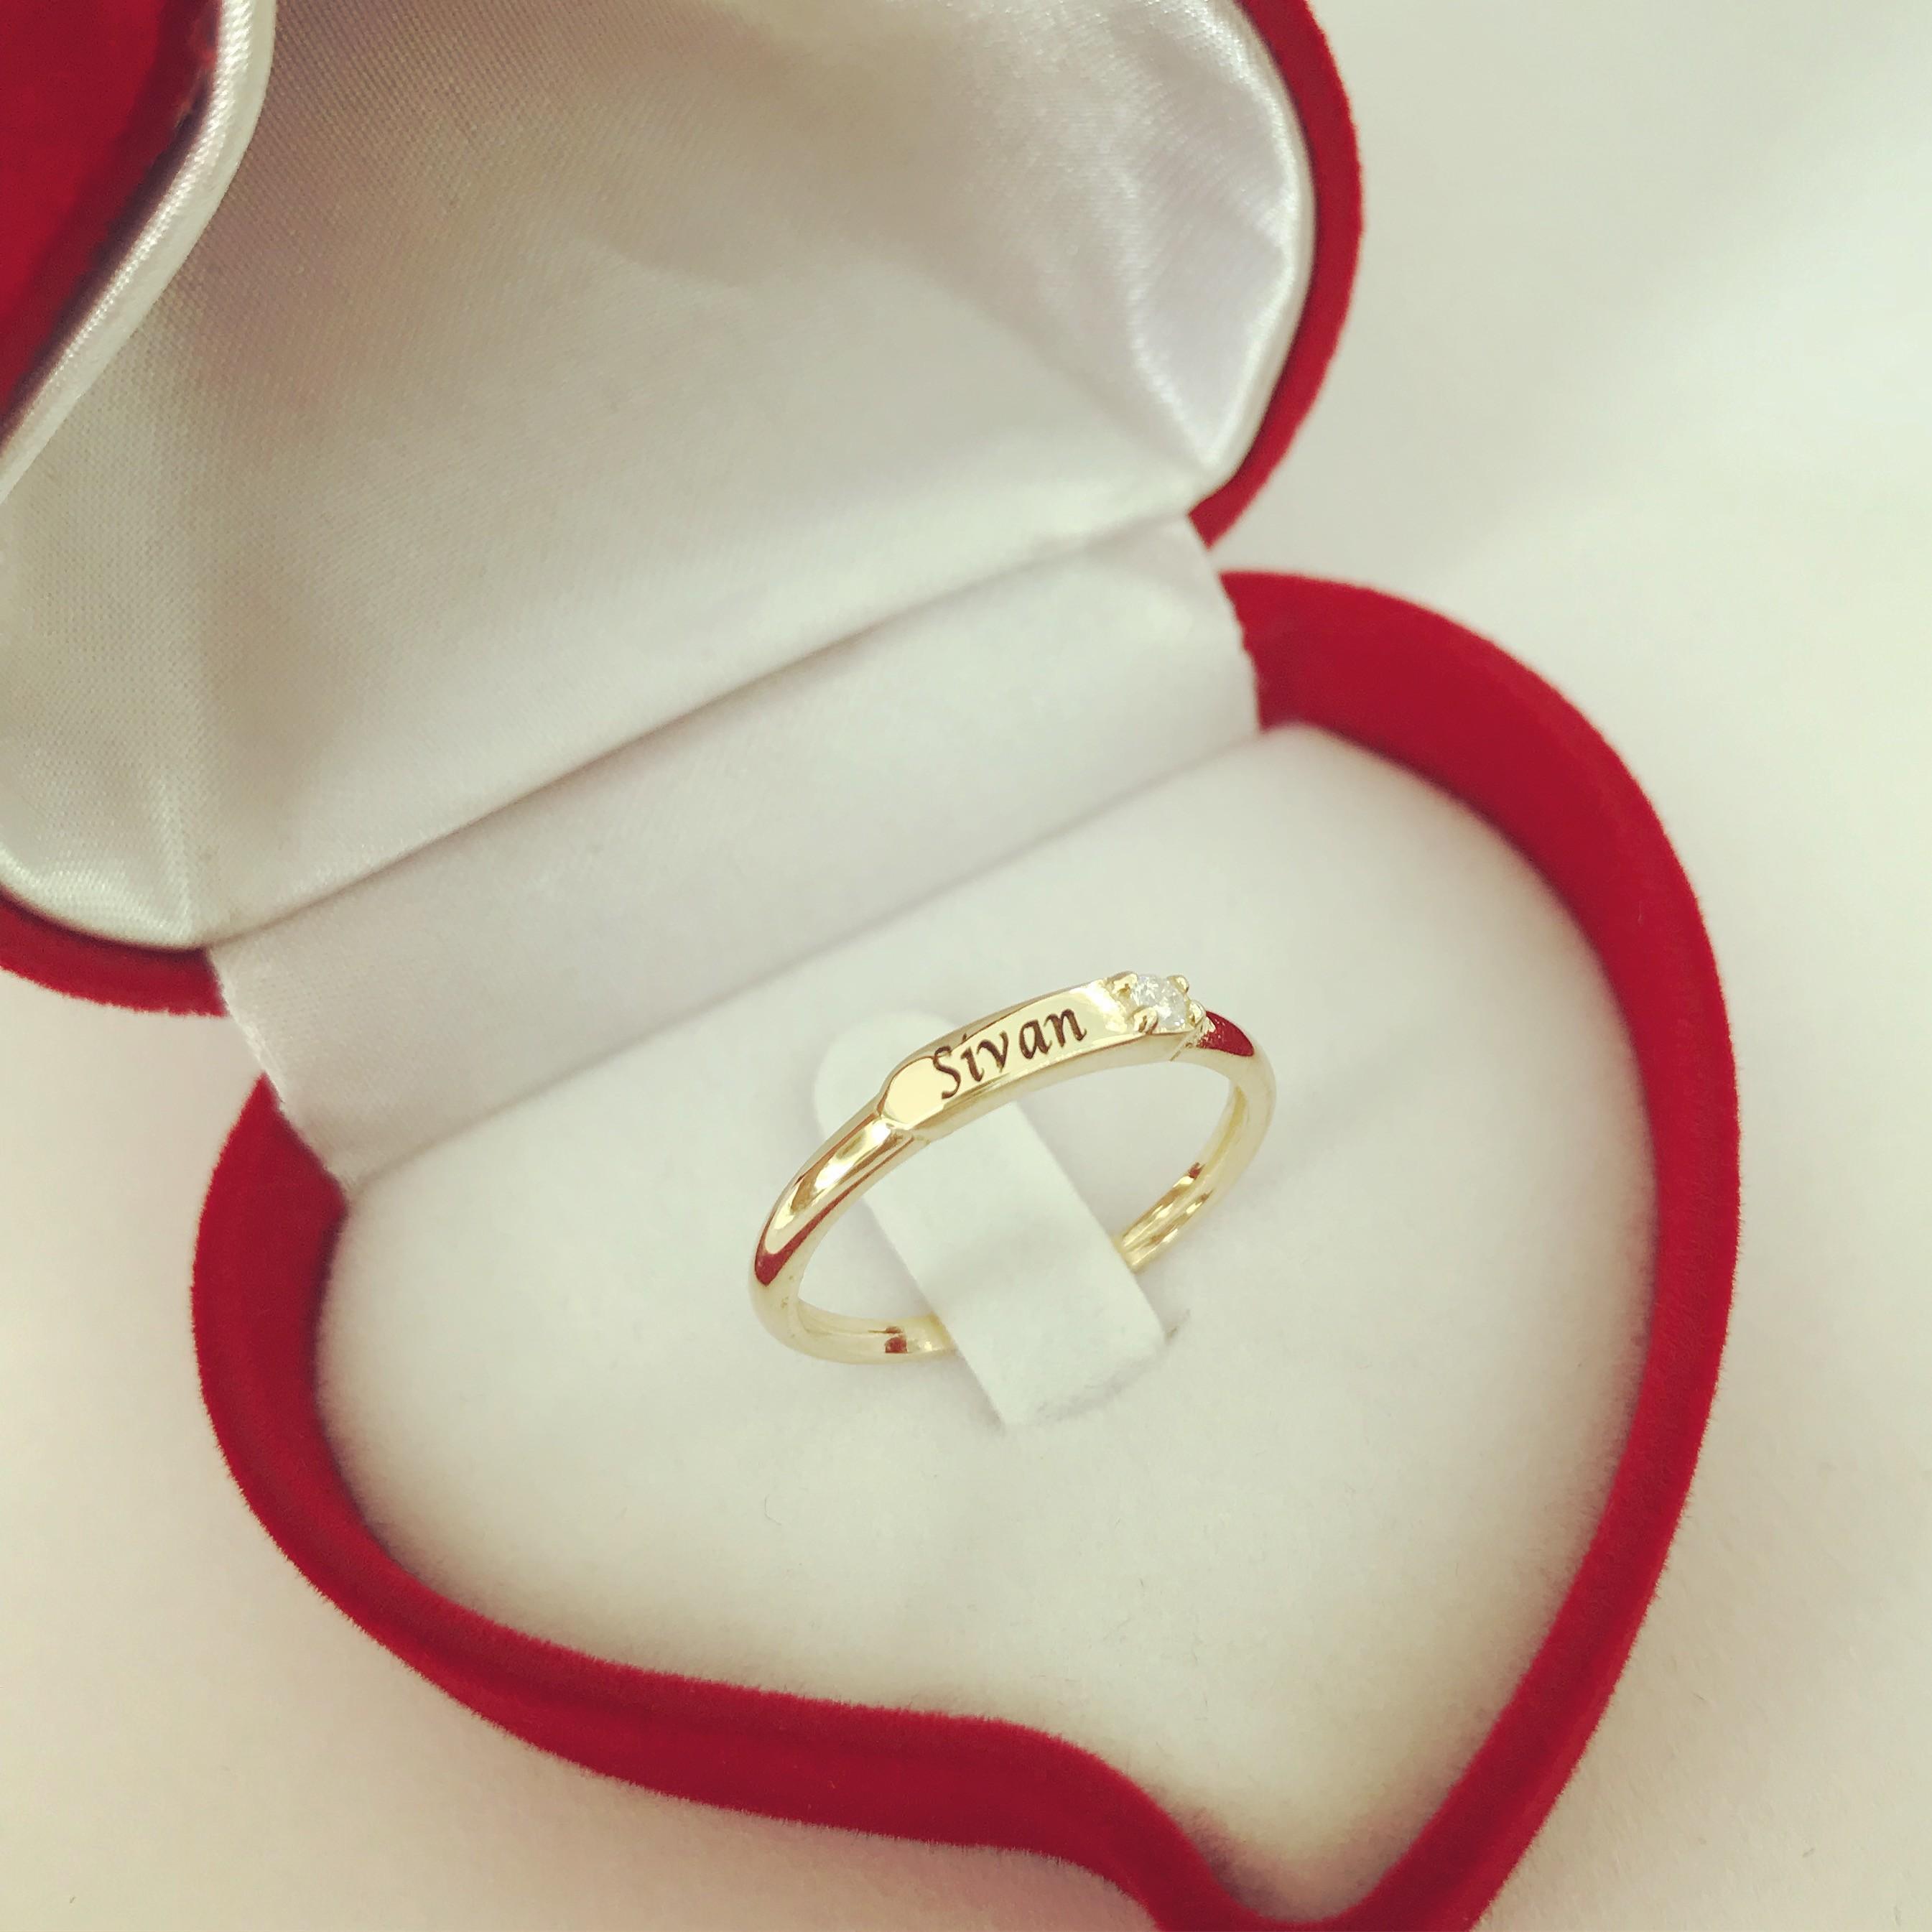 טבעת שם דגם 3121 זהב צהוב/לבן 14 קראט